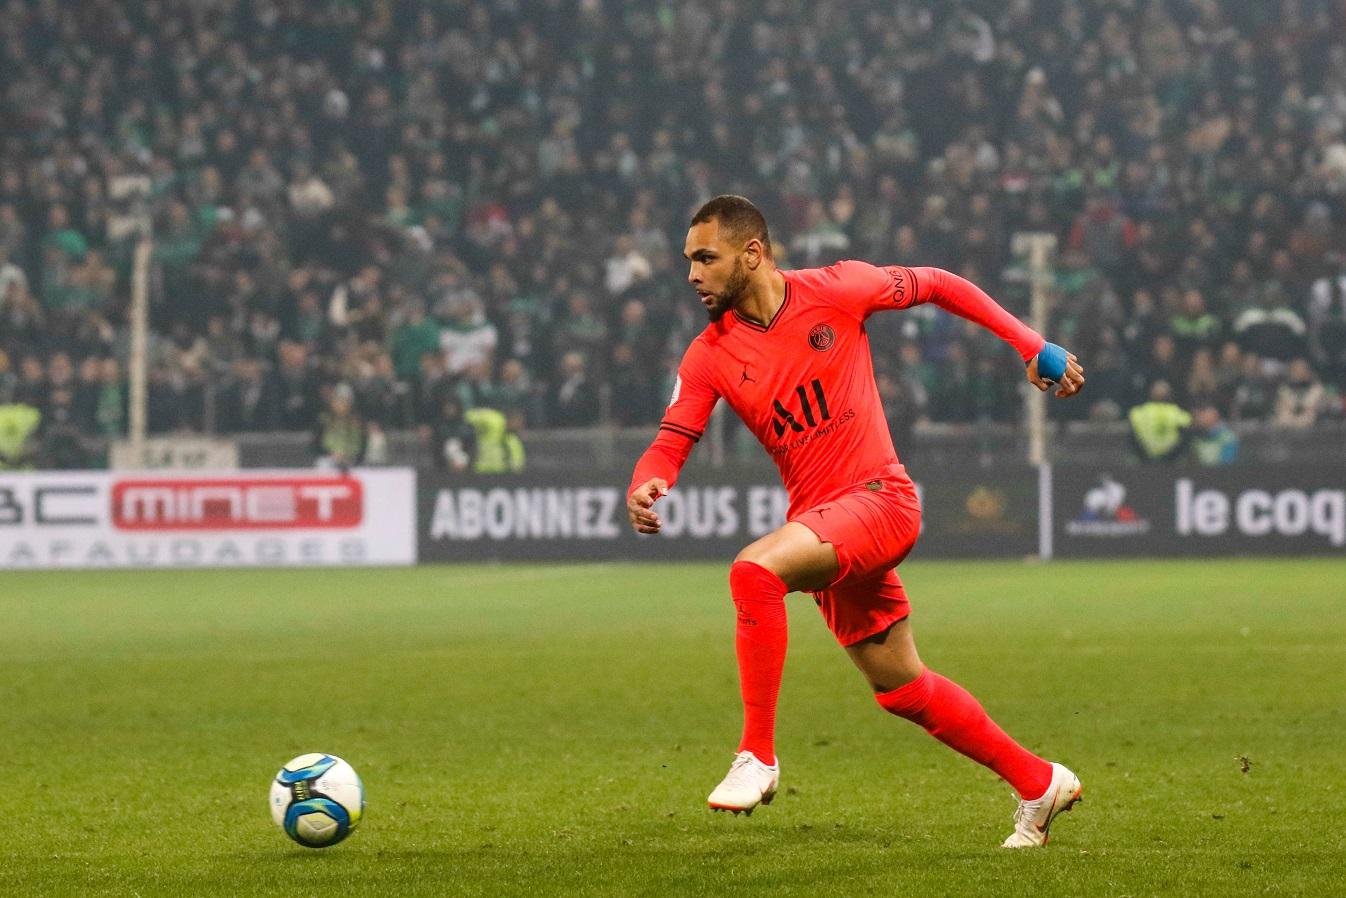 """Kurzawa évoque PSG/Manchester United et se dit """"prêt"""""""